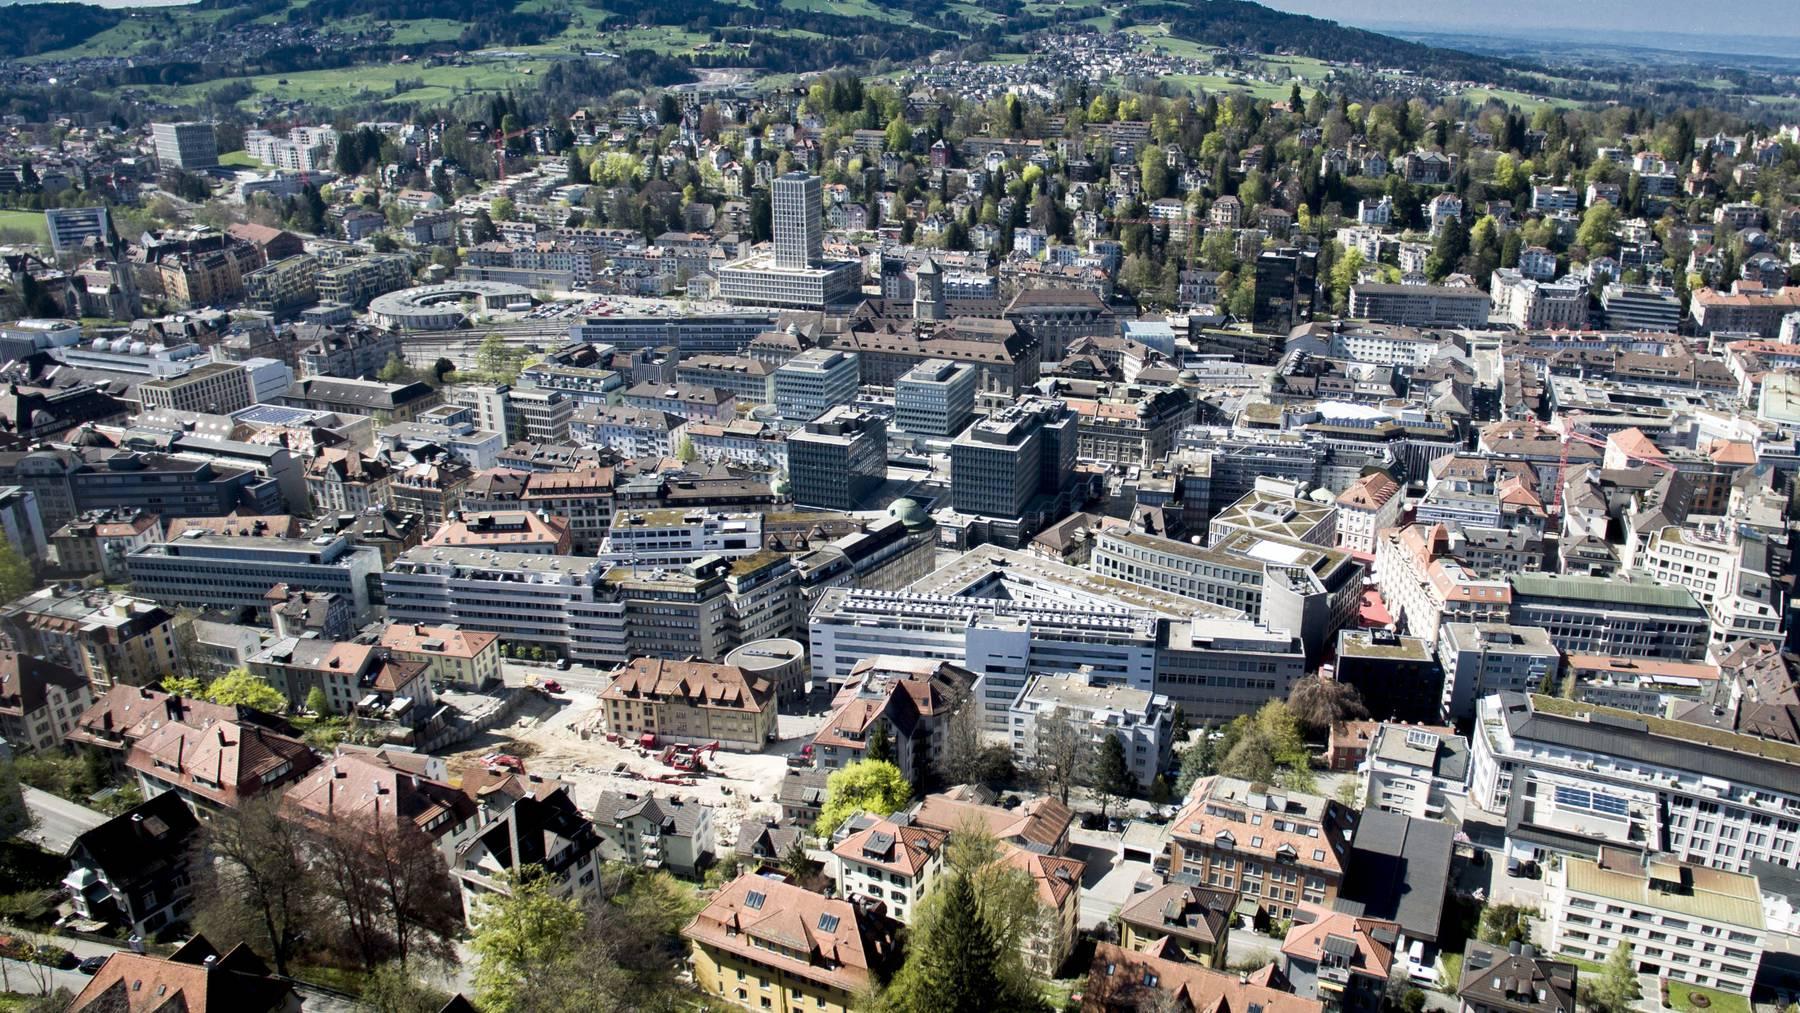 Das St.Galler Stadtzentrum aus der Drohnenperspektive.